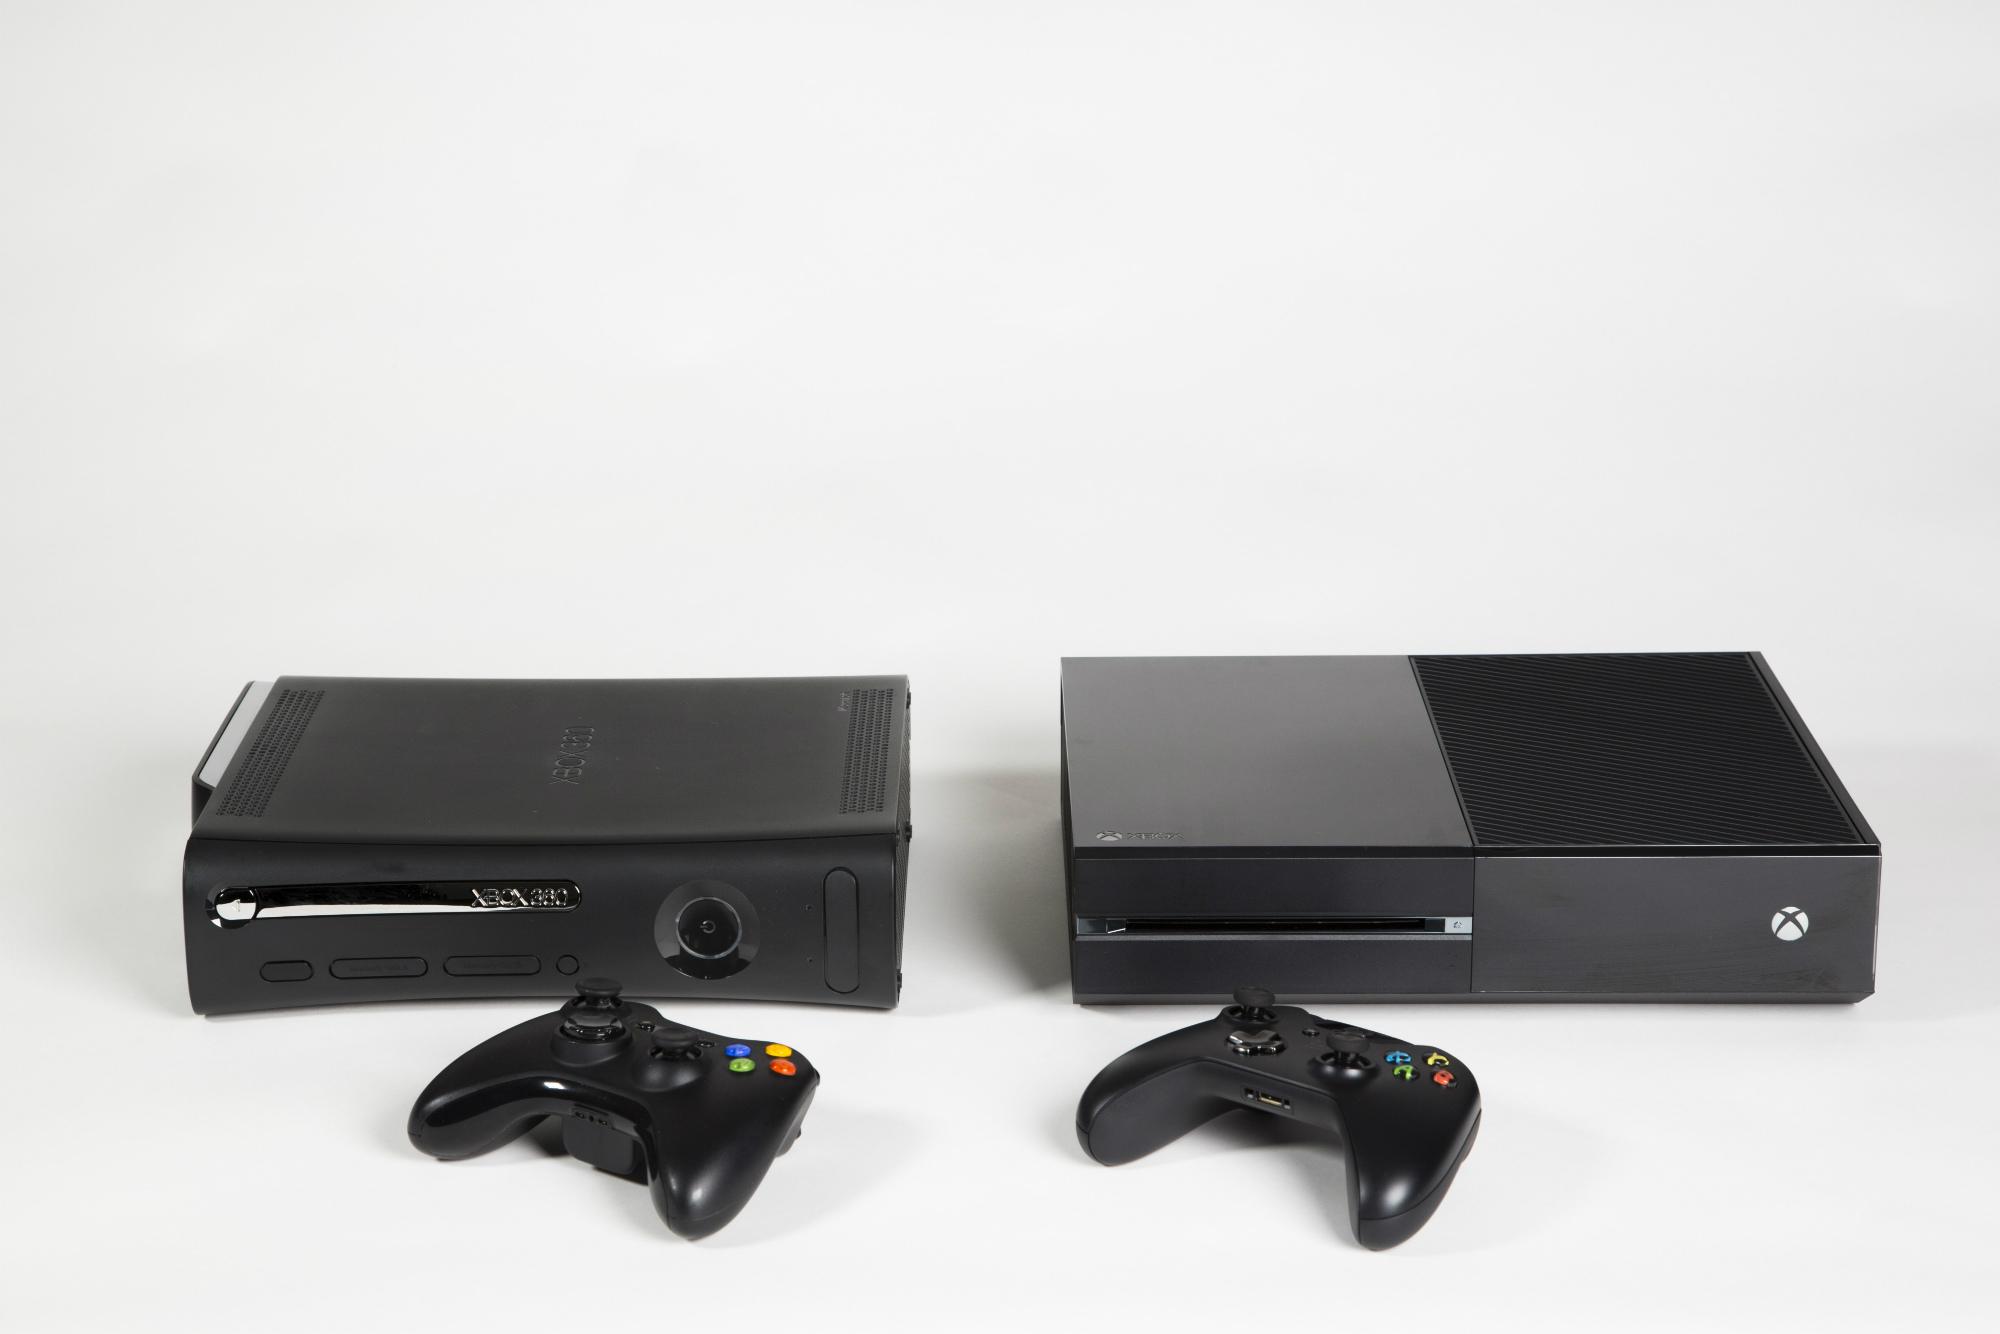 De Xbox 360 naast de Xbox One